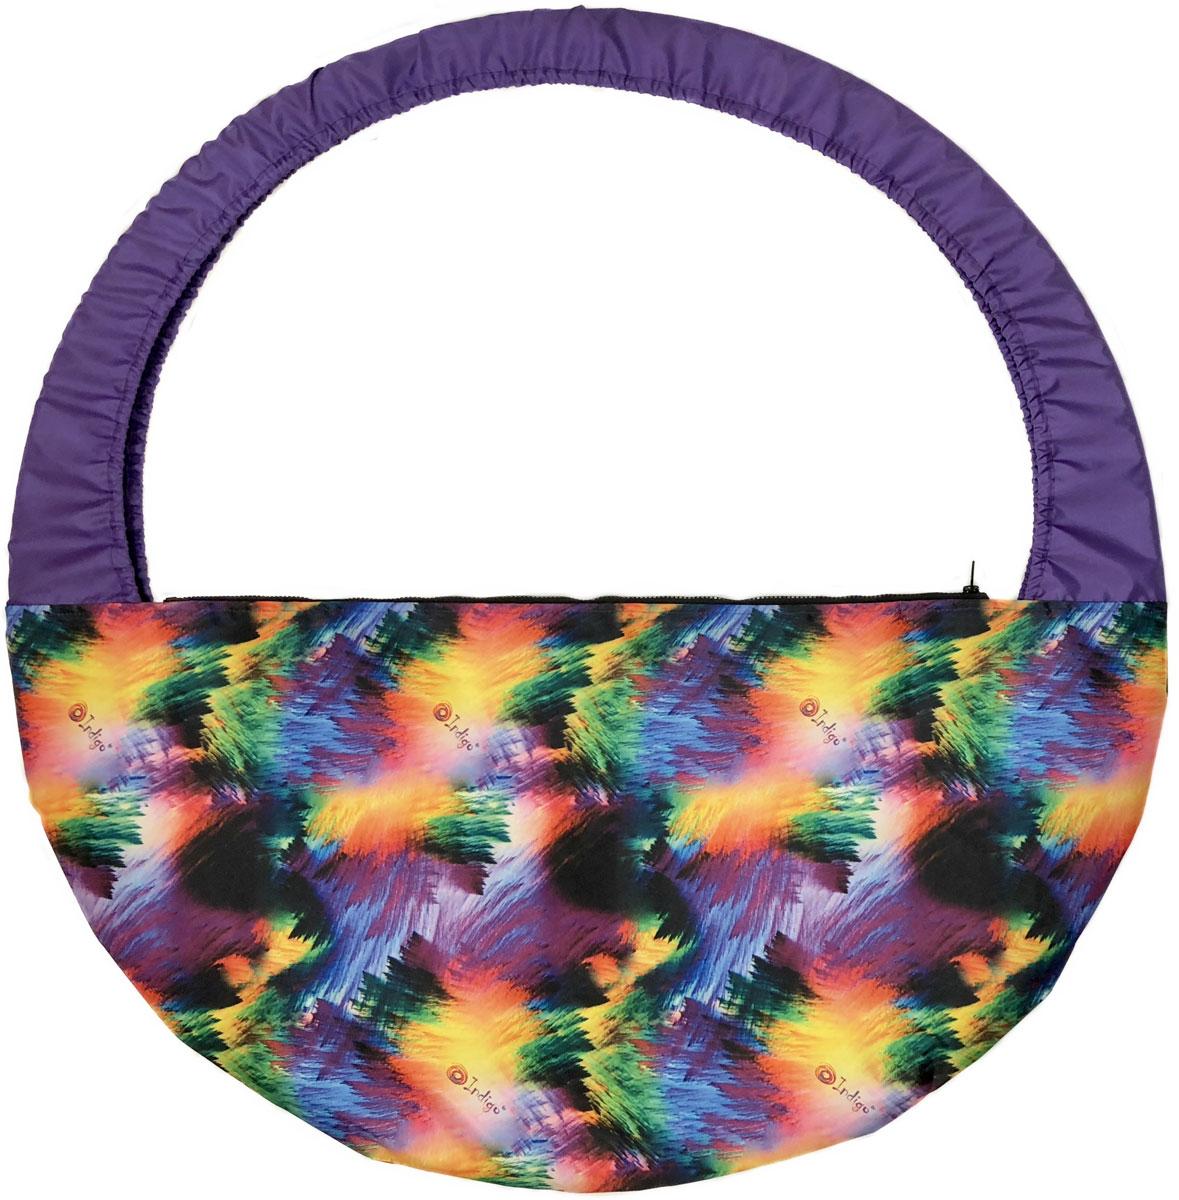 Сумка-чехол для обруча Indigo Гламур, цвет: разноцветный, диаметр 60 х 90 см сумка чехол для обруча indigo цвет салатовый диаметр 60 х 90 см